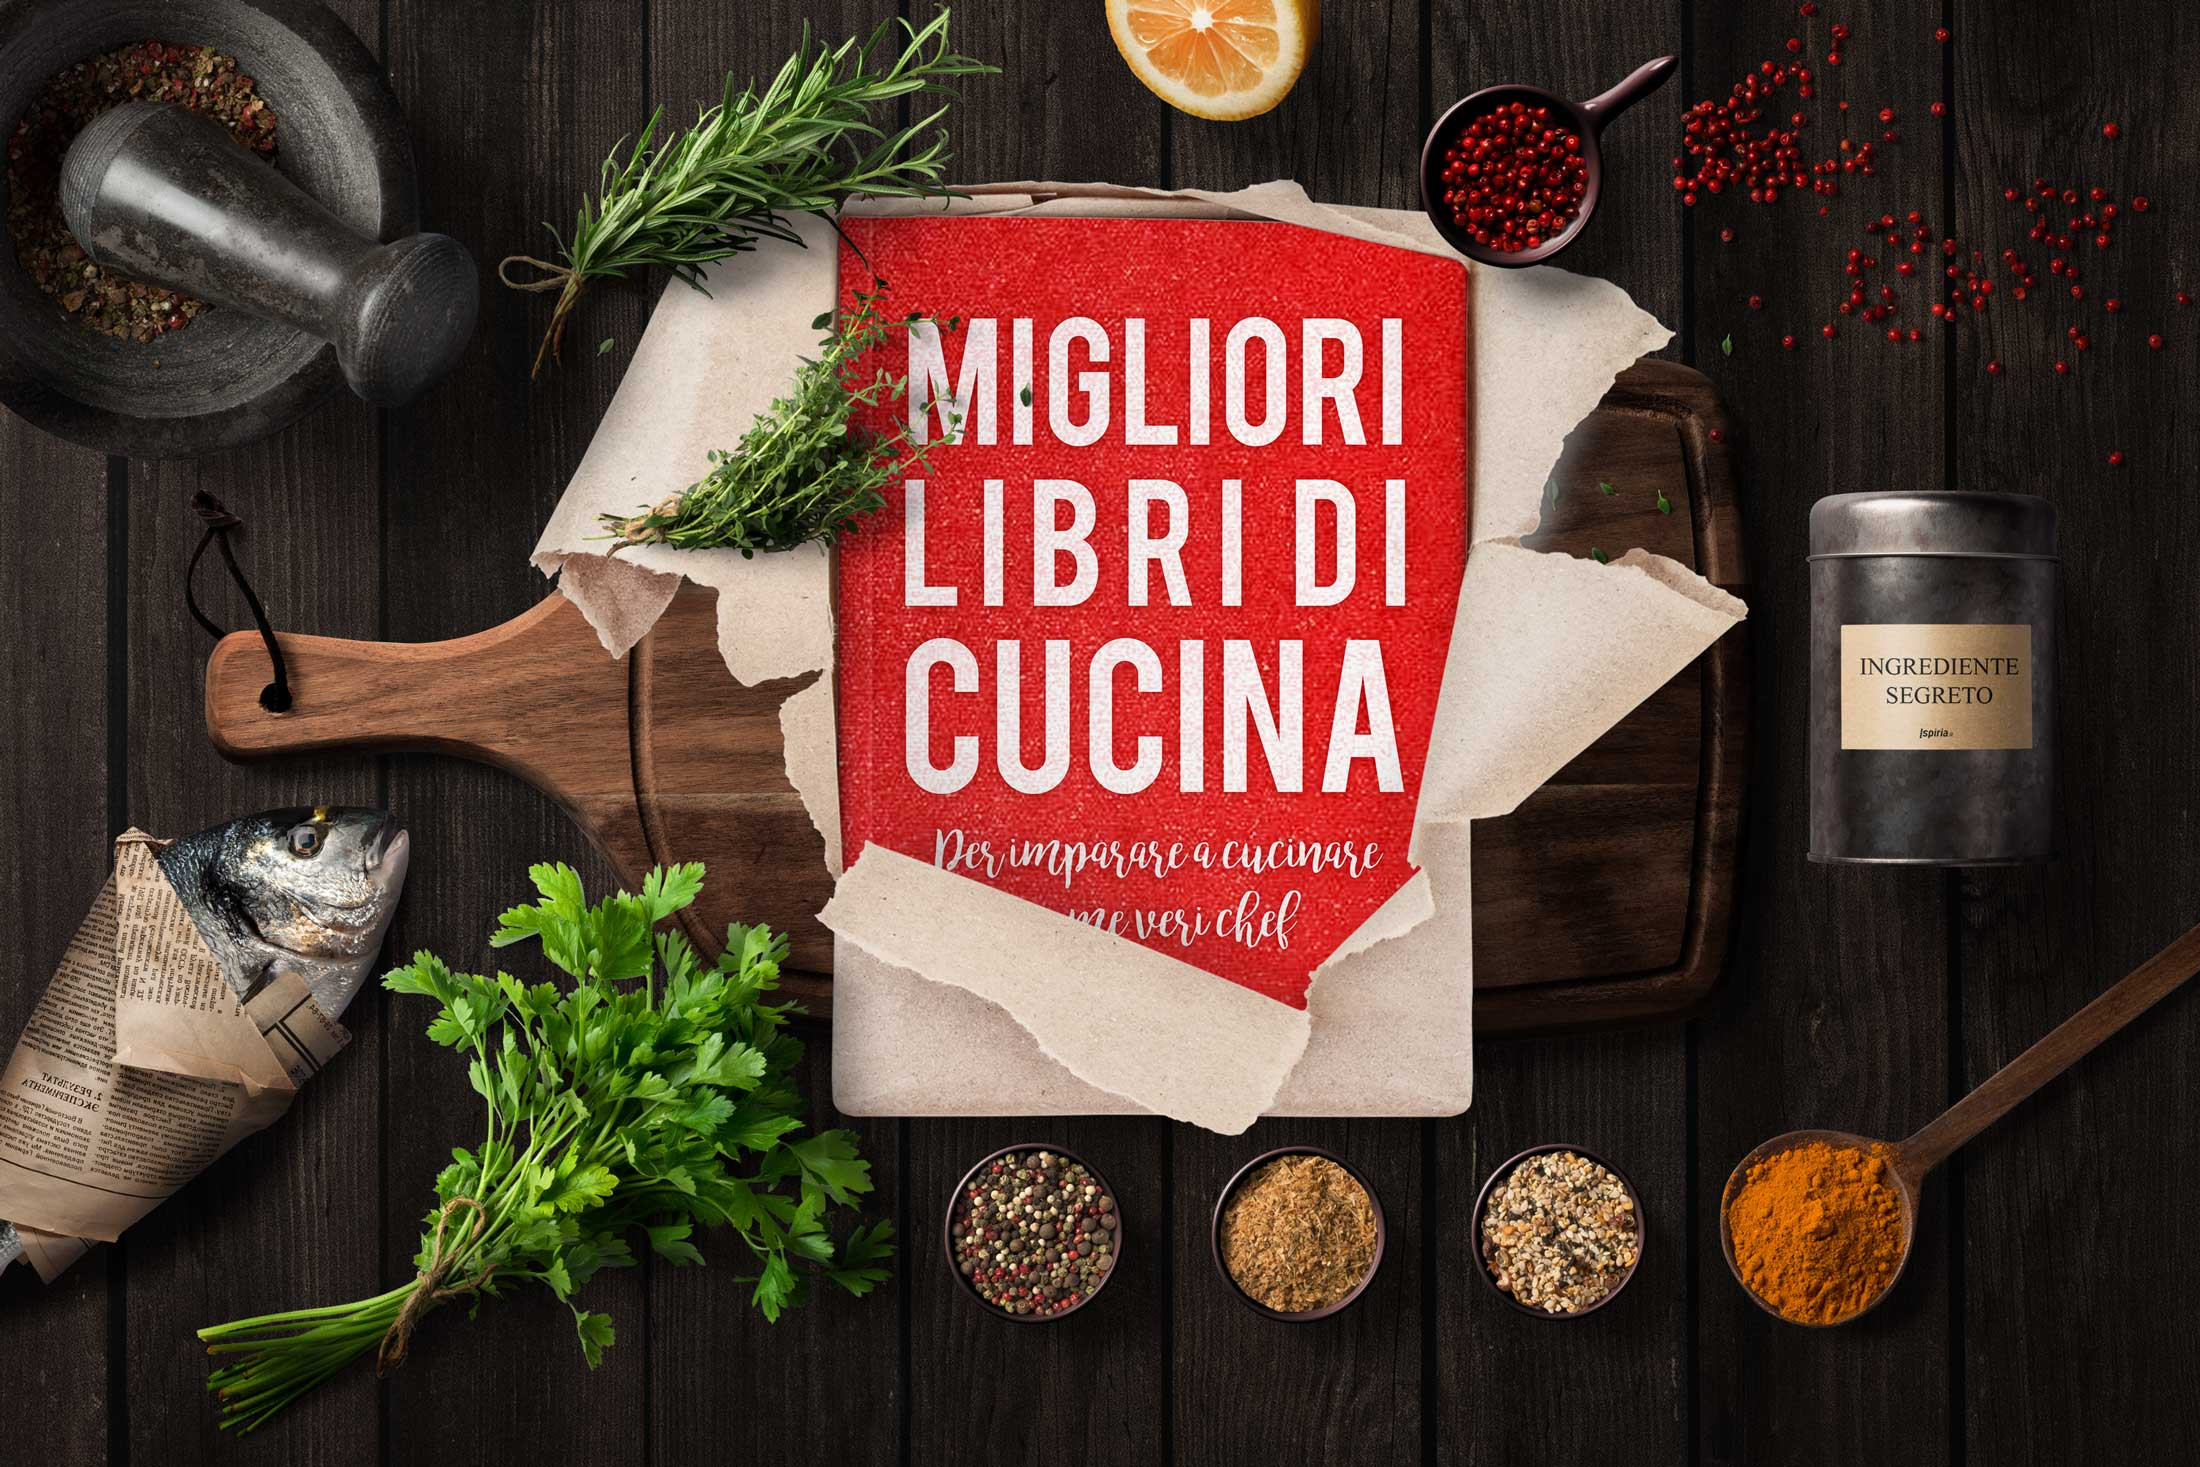 Migliori libri di cucina for Libri di cucina professionali pdf